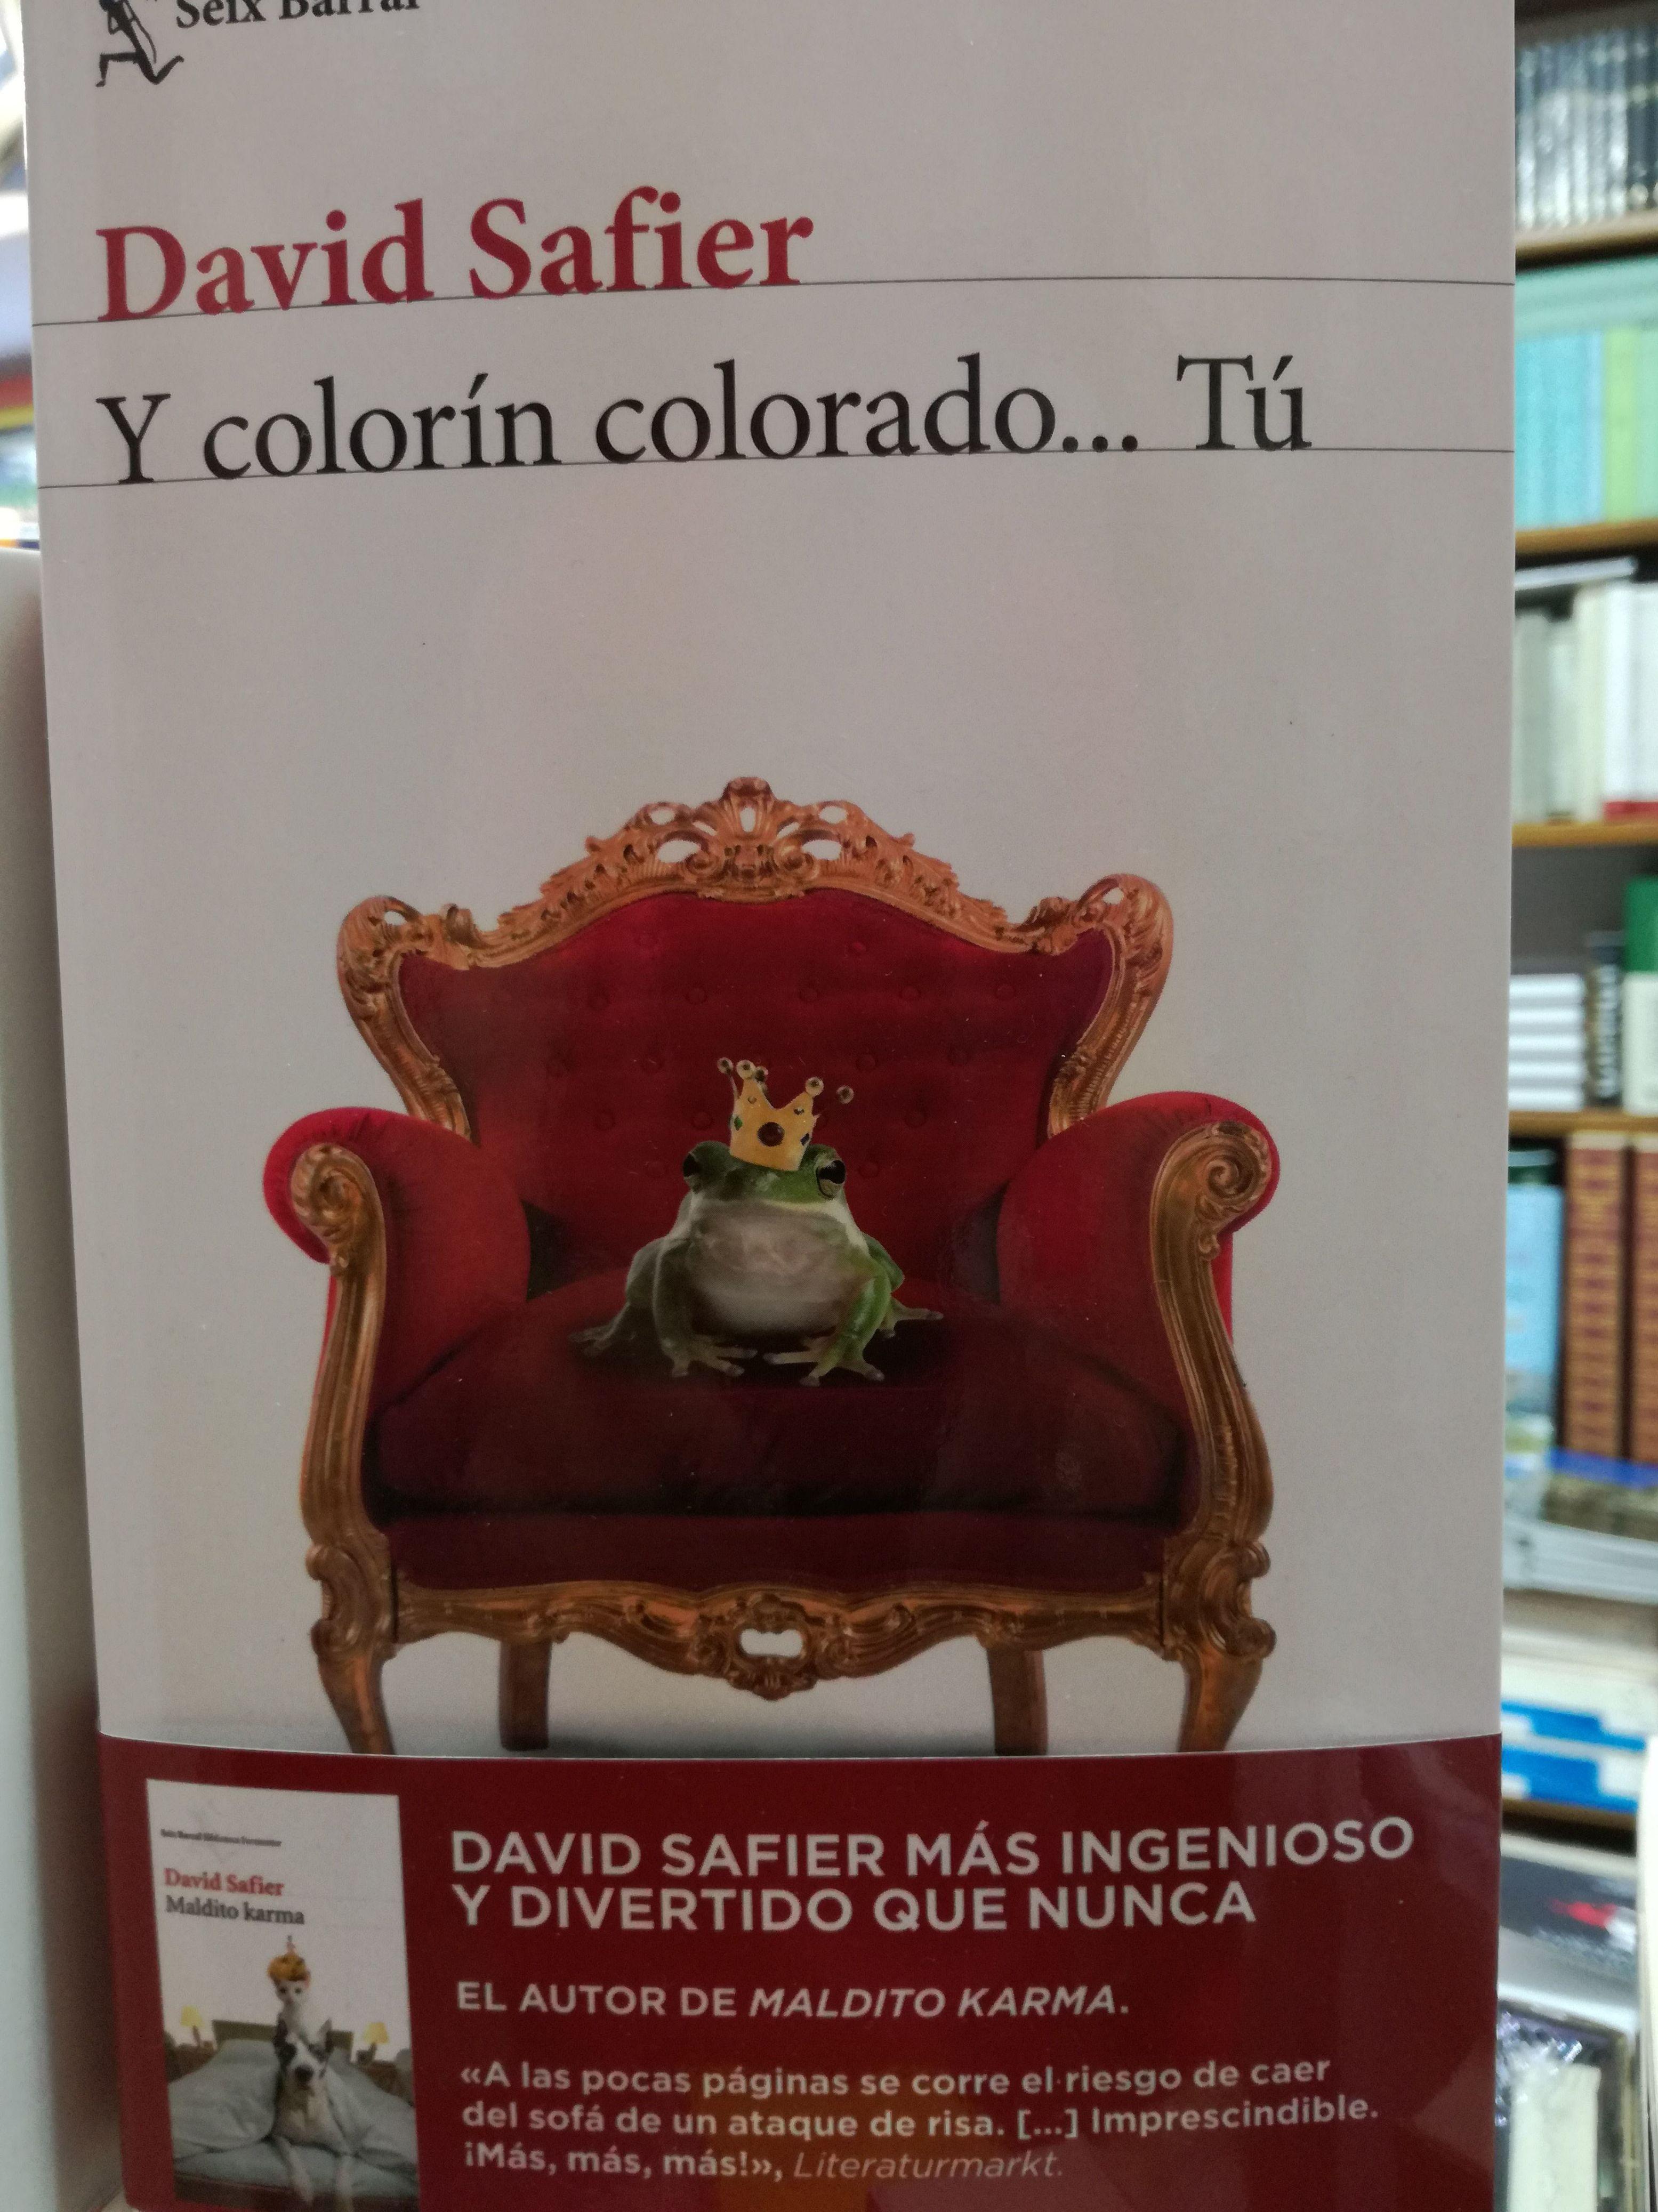 Y colorín colorado...Tú: SECCIONES de Librería Nueva Plaza Universitaria